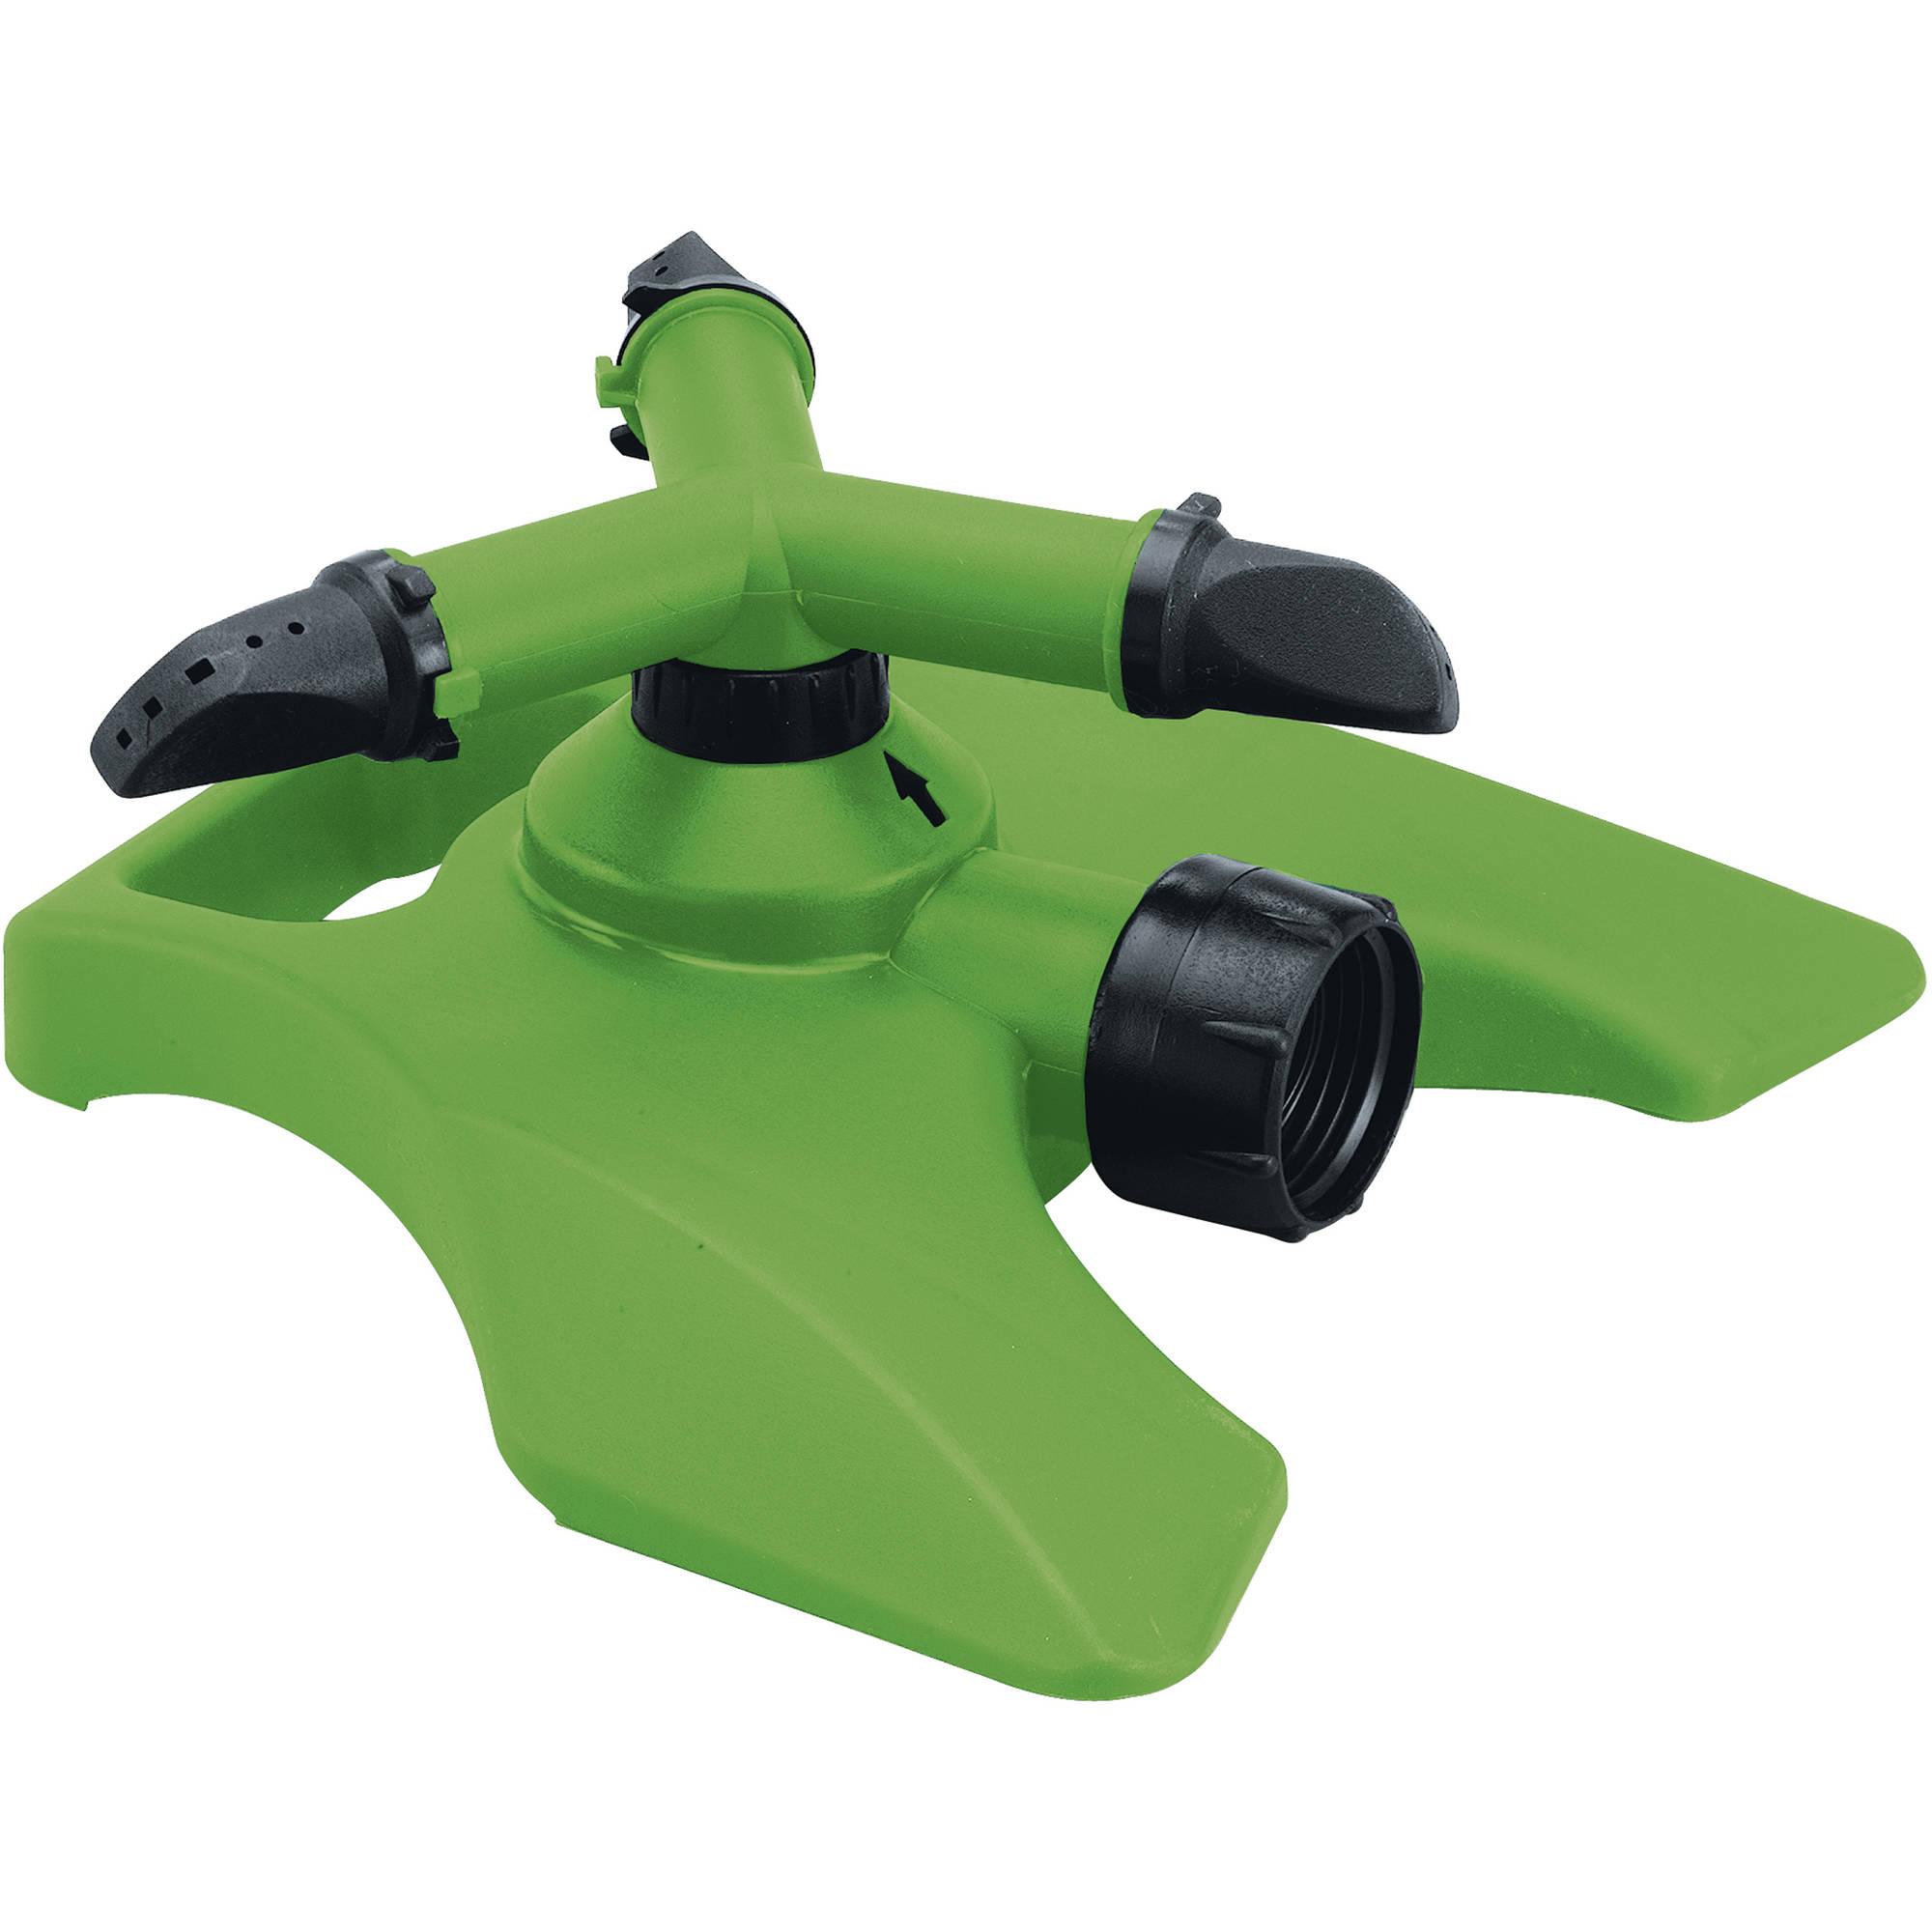 Expert Gardener Lawn Sprinklers $0.10-$0.50 Clearance at Walmart YMMV